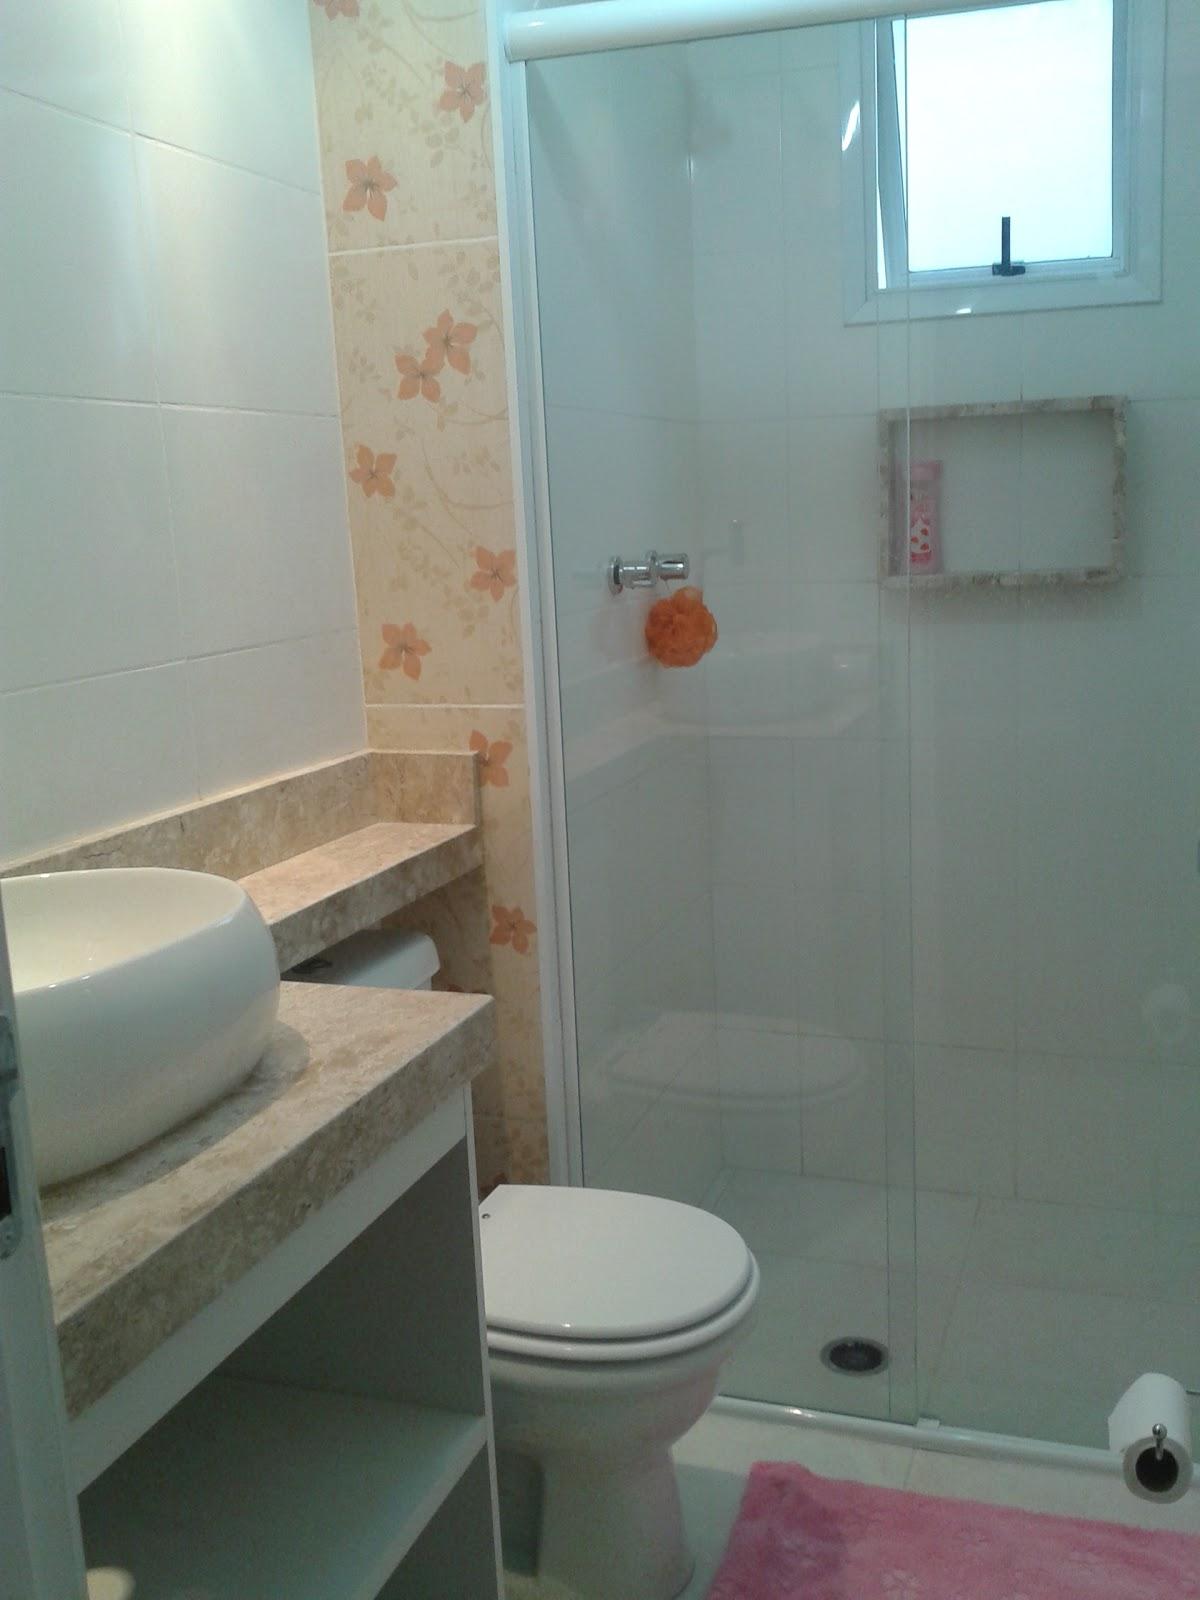 Meu primeiro Apartamento: Banheiro com mármore instalado #517A69 1200 1600